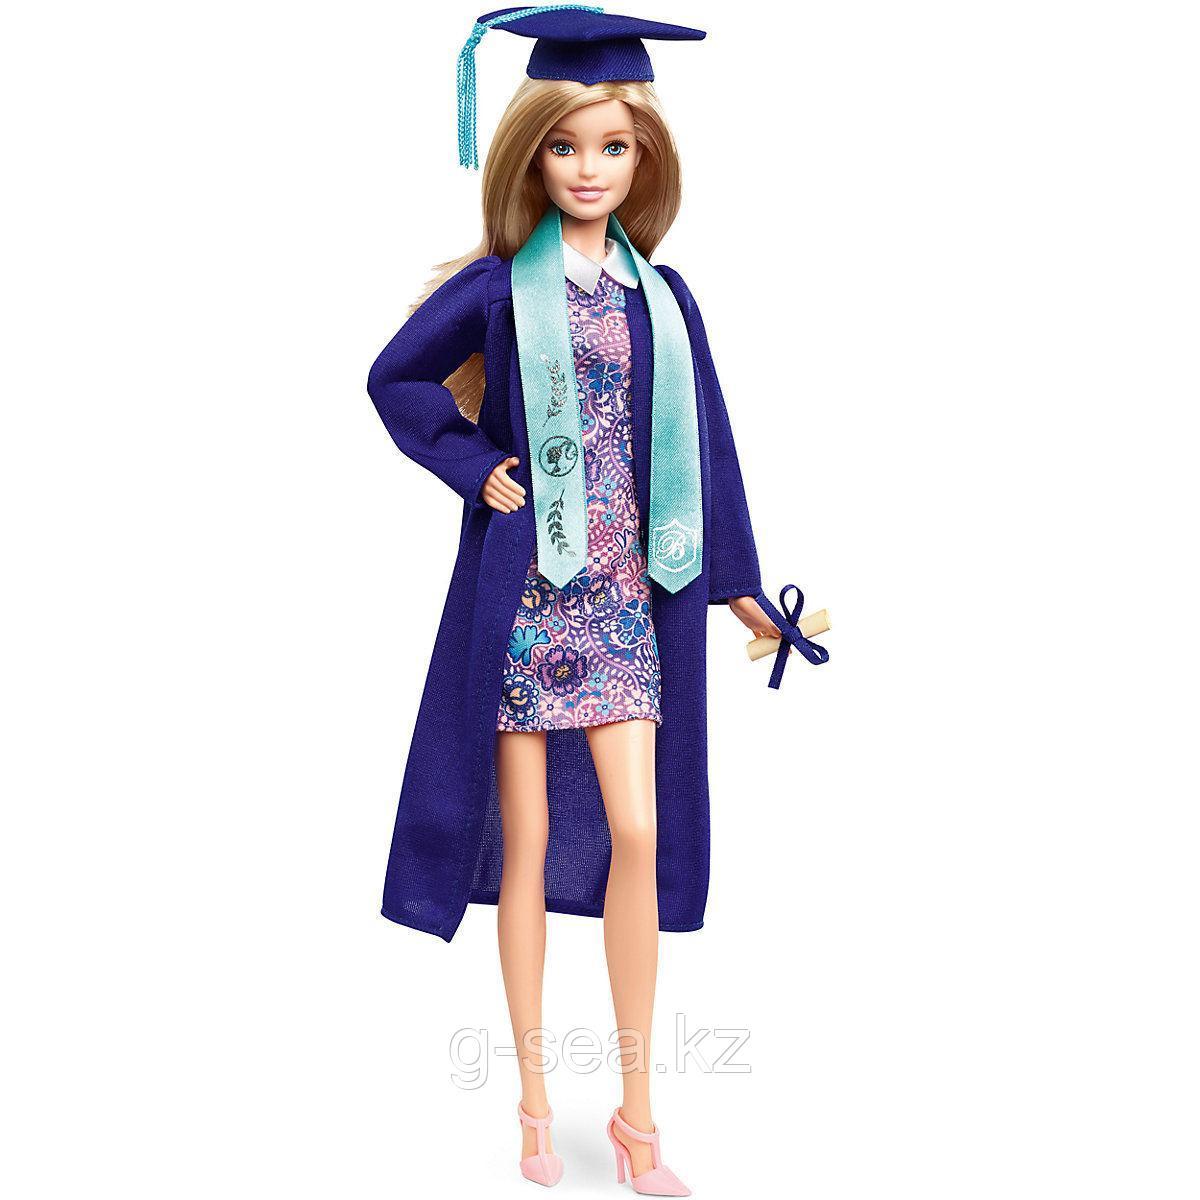 """Barbie: Коллекционные: Кукла Barbie коллекционная """"Выпускница колледжа"""" в синей мантии"""